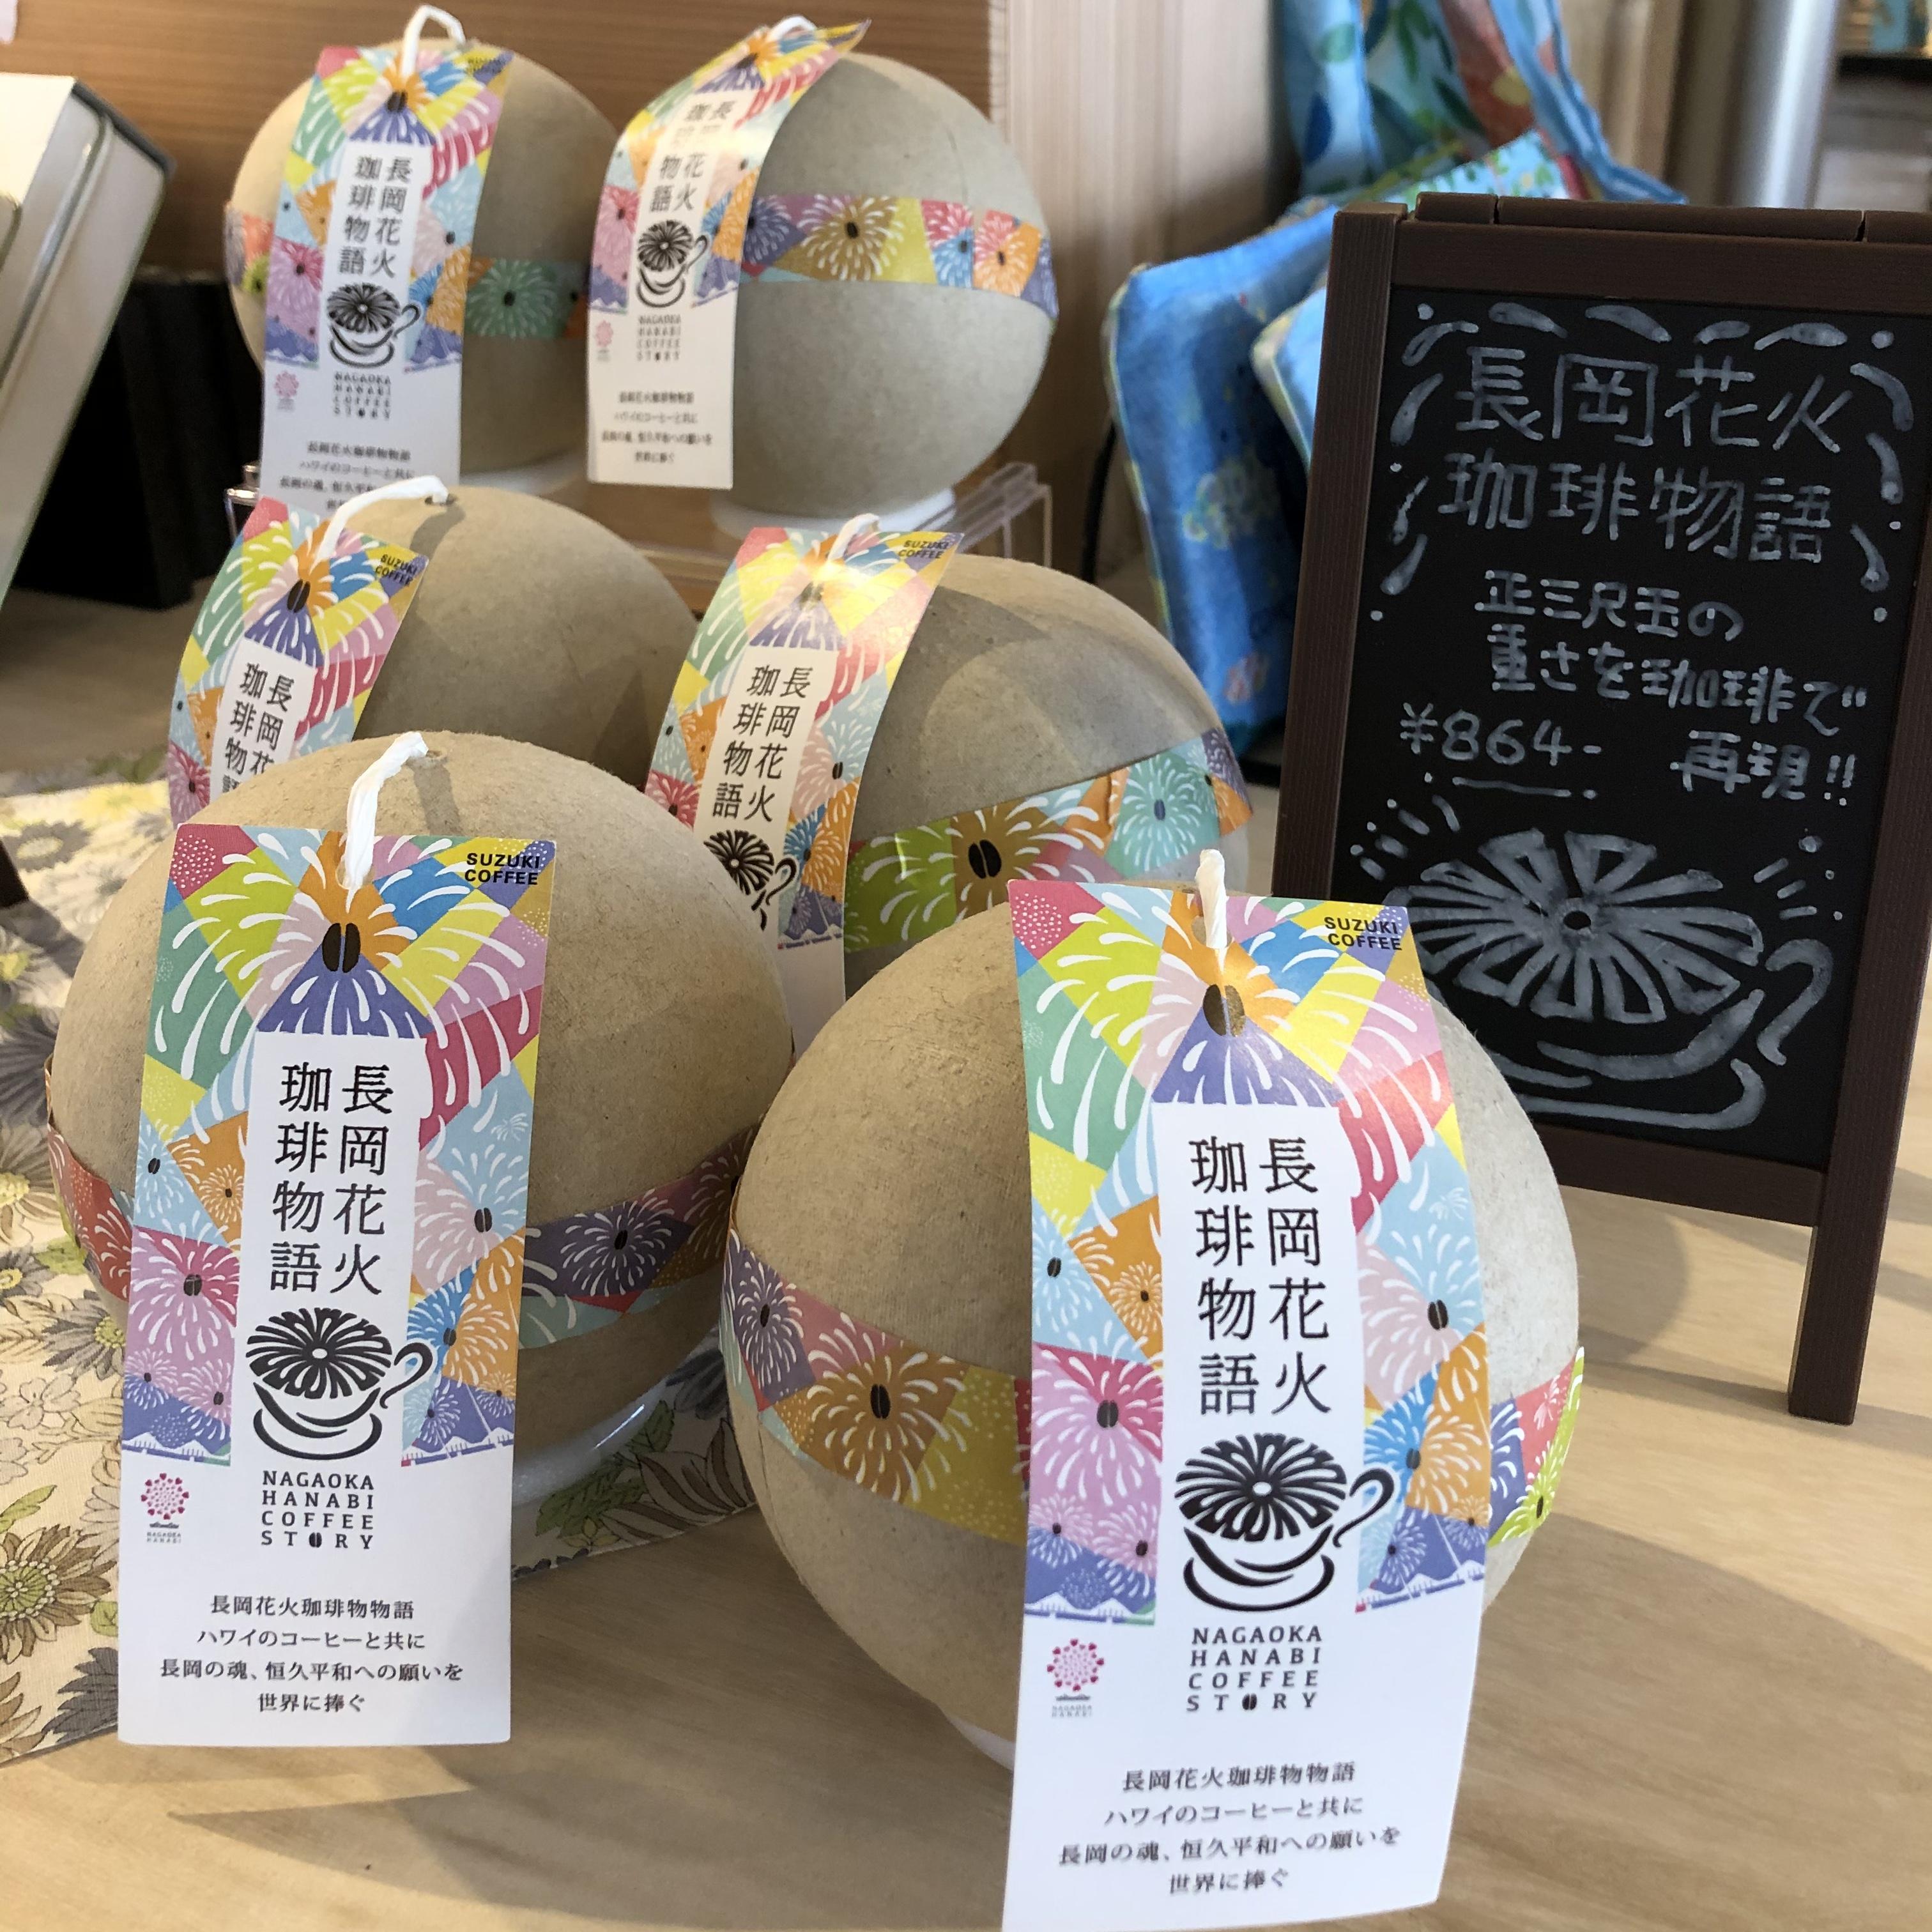 【イベント】「日本のkawaiiお菓子フェア」開催中です!